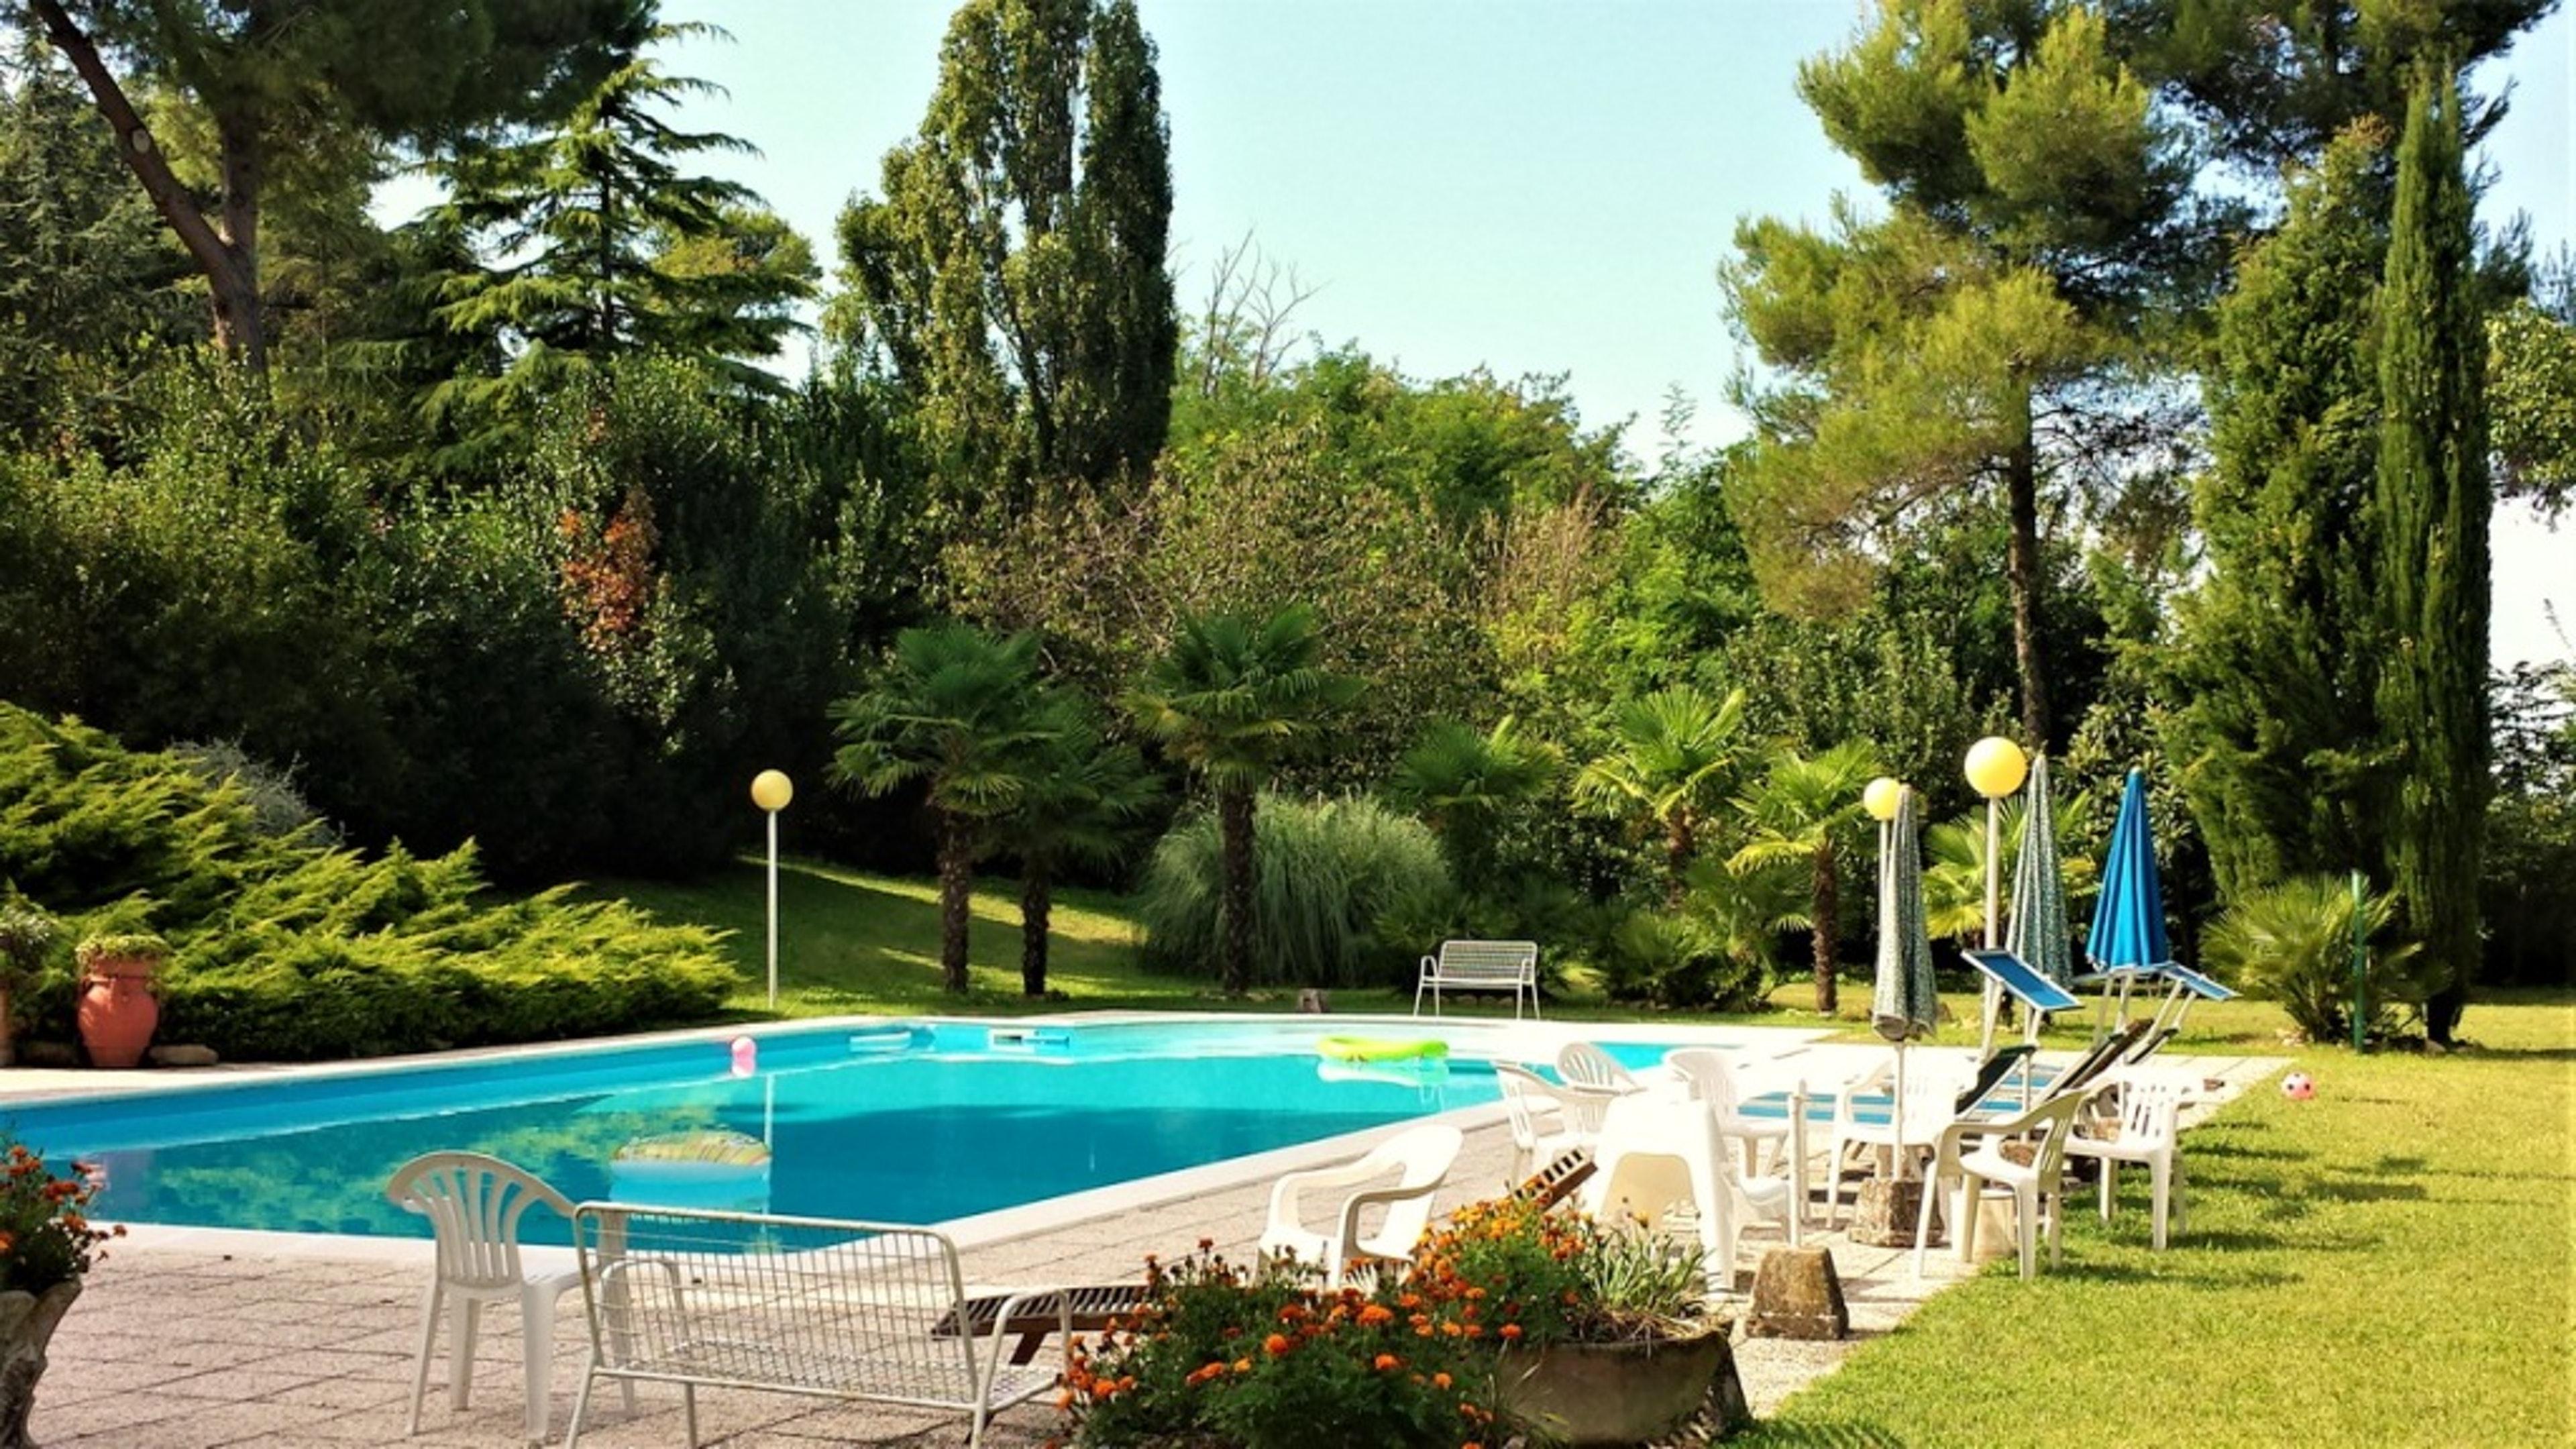 Ferienhaus Villa mit 5 Schlafzimmern in Pesaro mit privatem Pool, eingezäuntem Garten und W-LAN - 3 k (2202299), Pesaro, Pesaro und Urbino, Marken, Italien, Bild 1